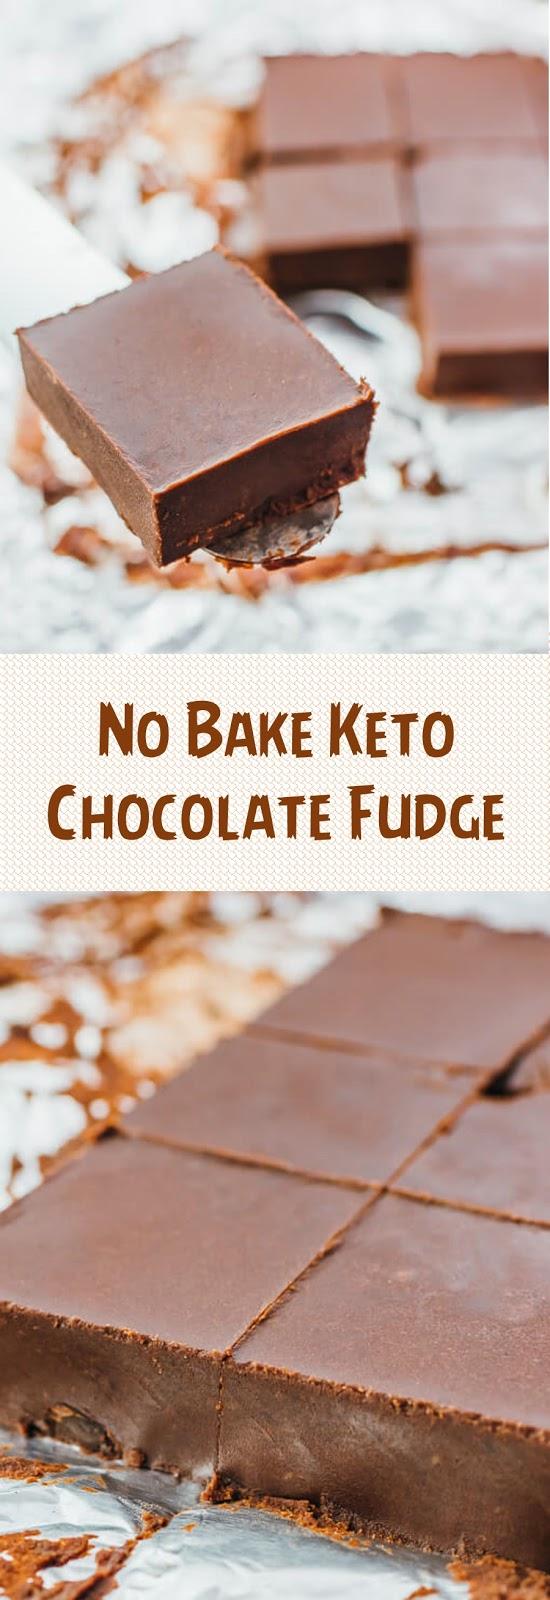 No Bake Keto Chocolate Fudge